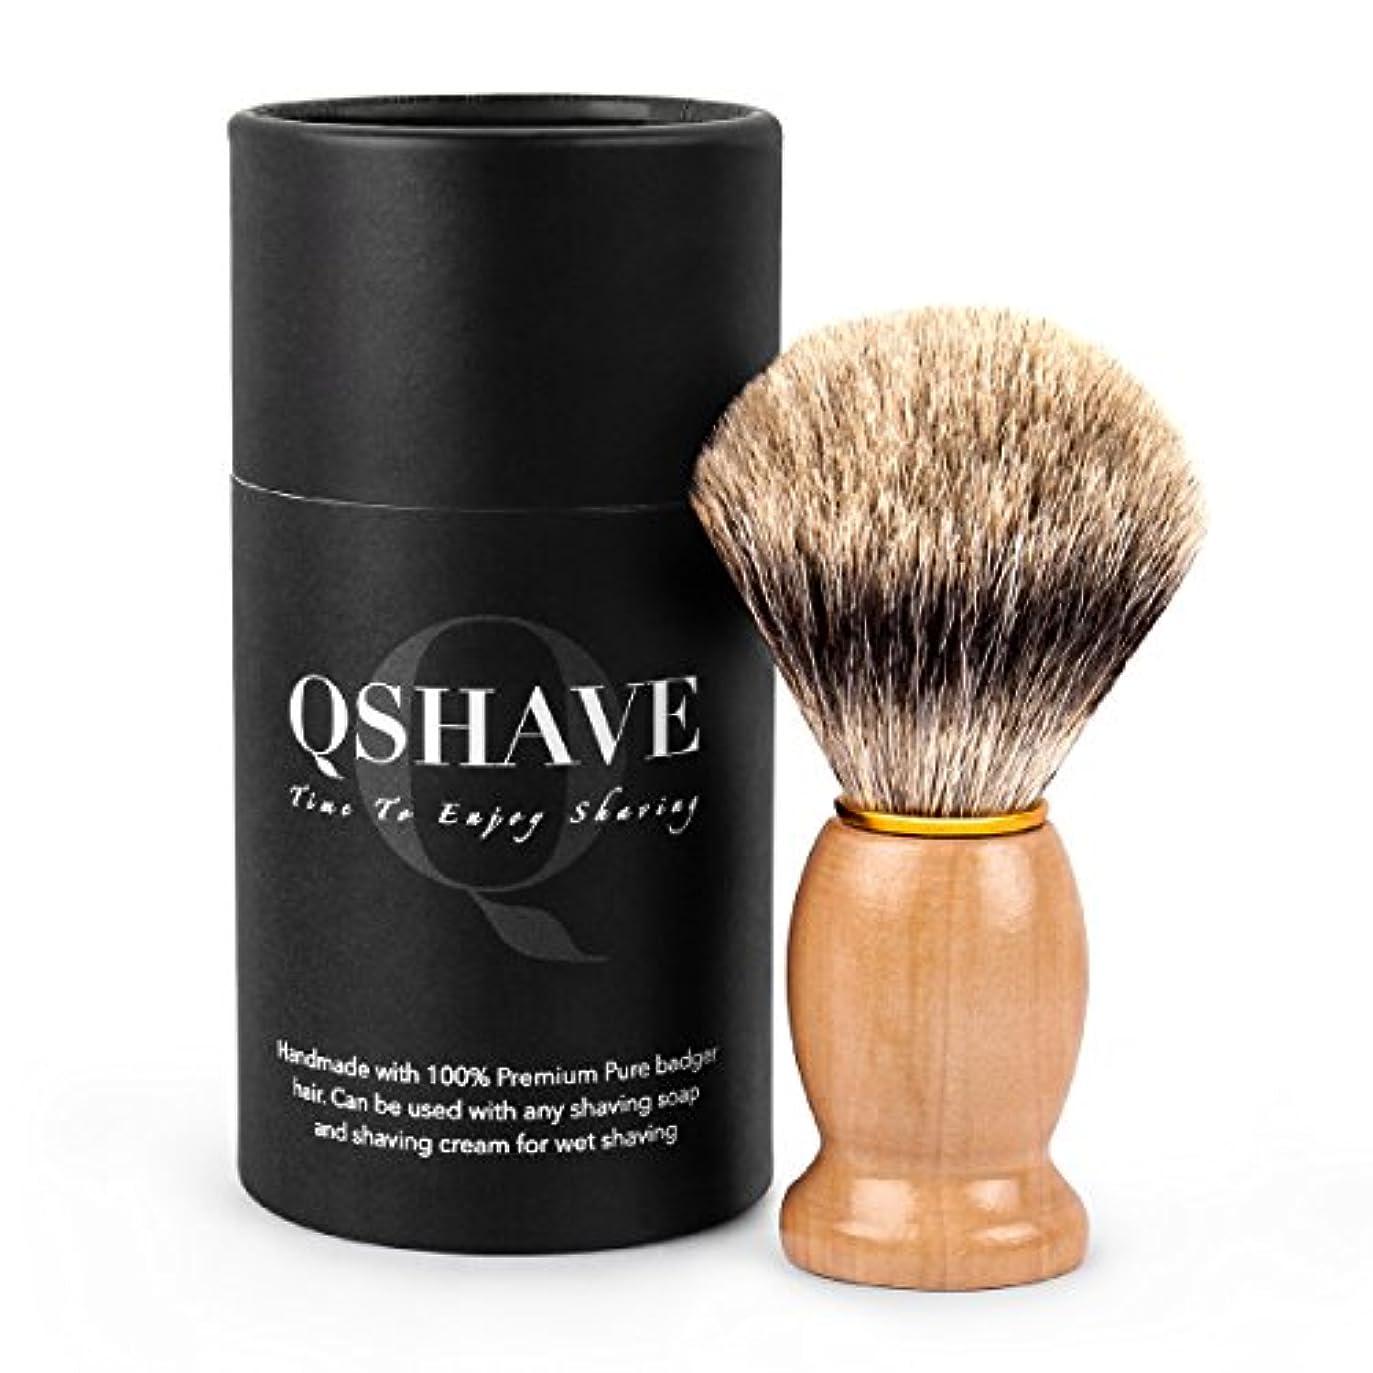 研磨ダニ継続中QSHAVE 100%最高級アナグマ毛オリジナルハンドメイドシェービングブラシ。木製ベース。ウェットシェービング、安全カミソリ、両刃カミソリに最適